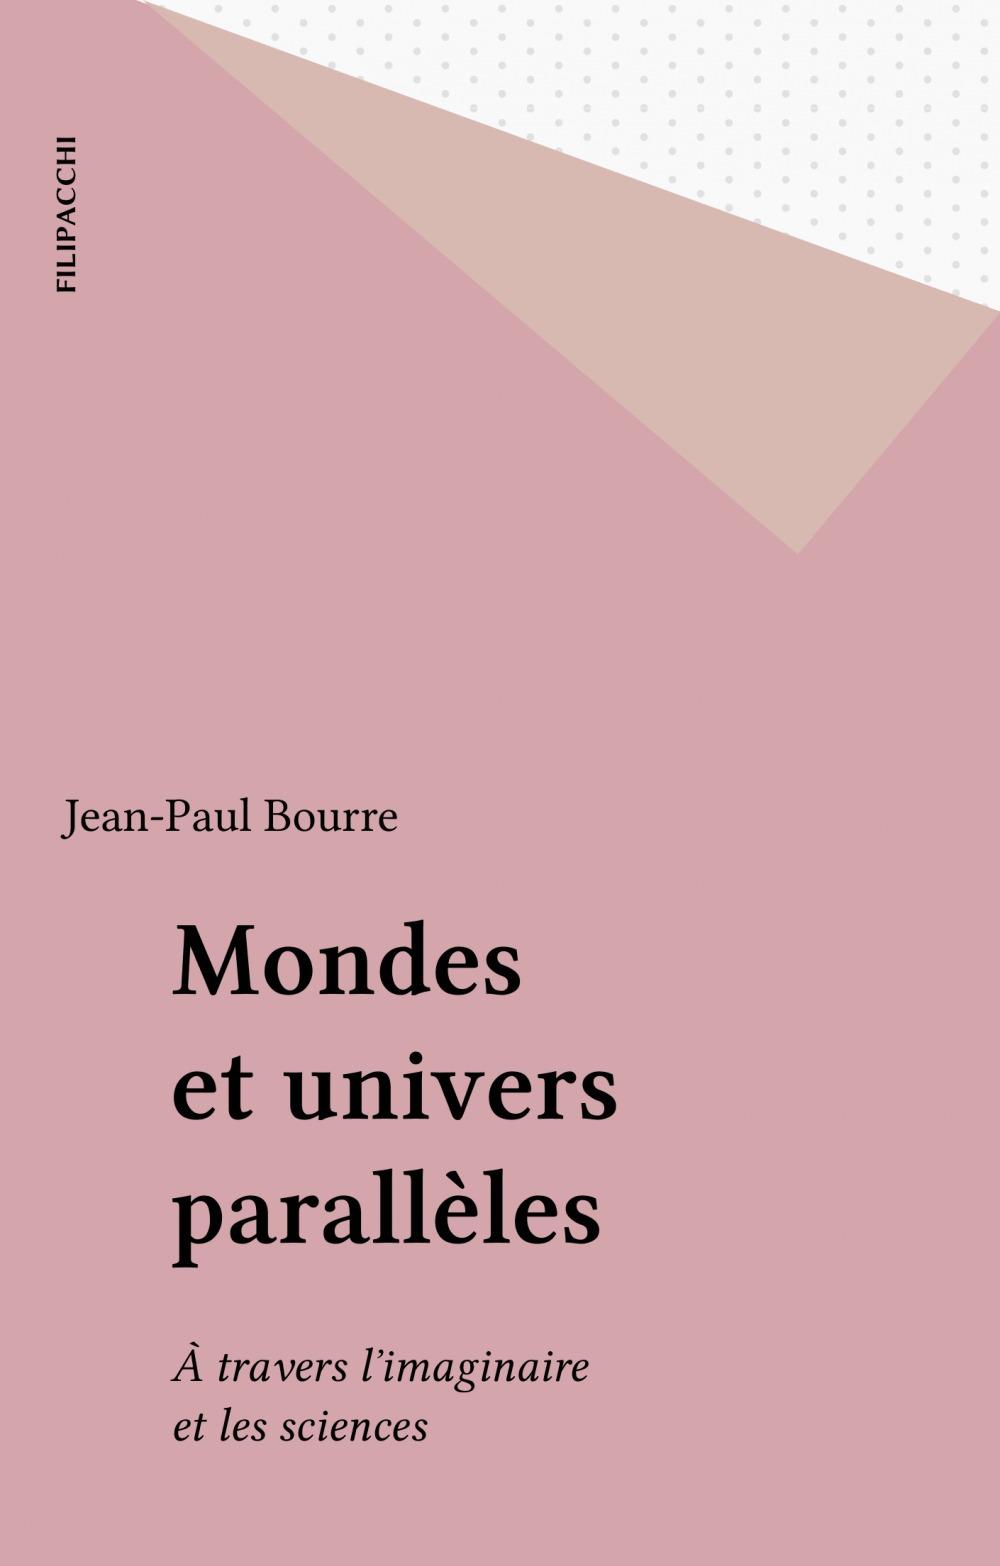 Mondes et univers parallèles